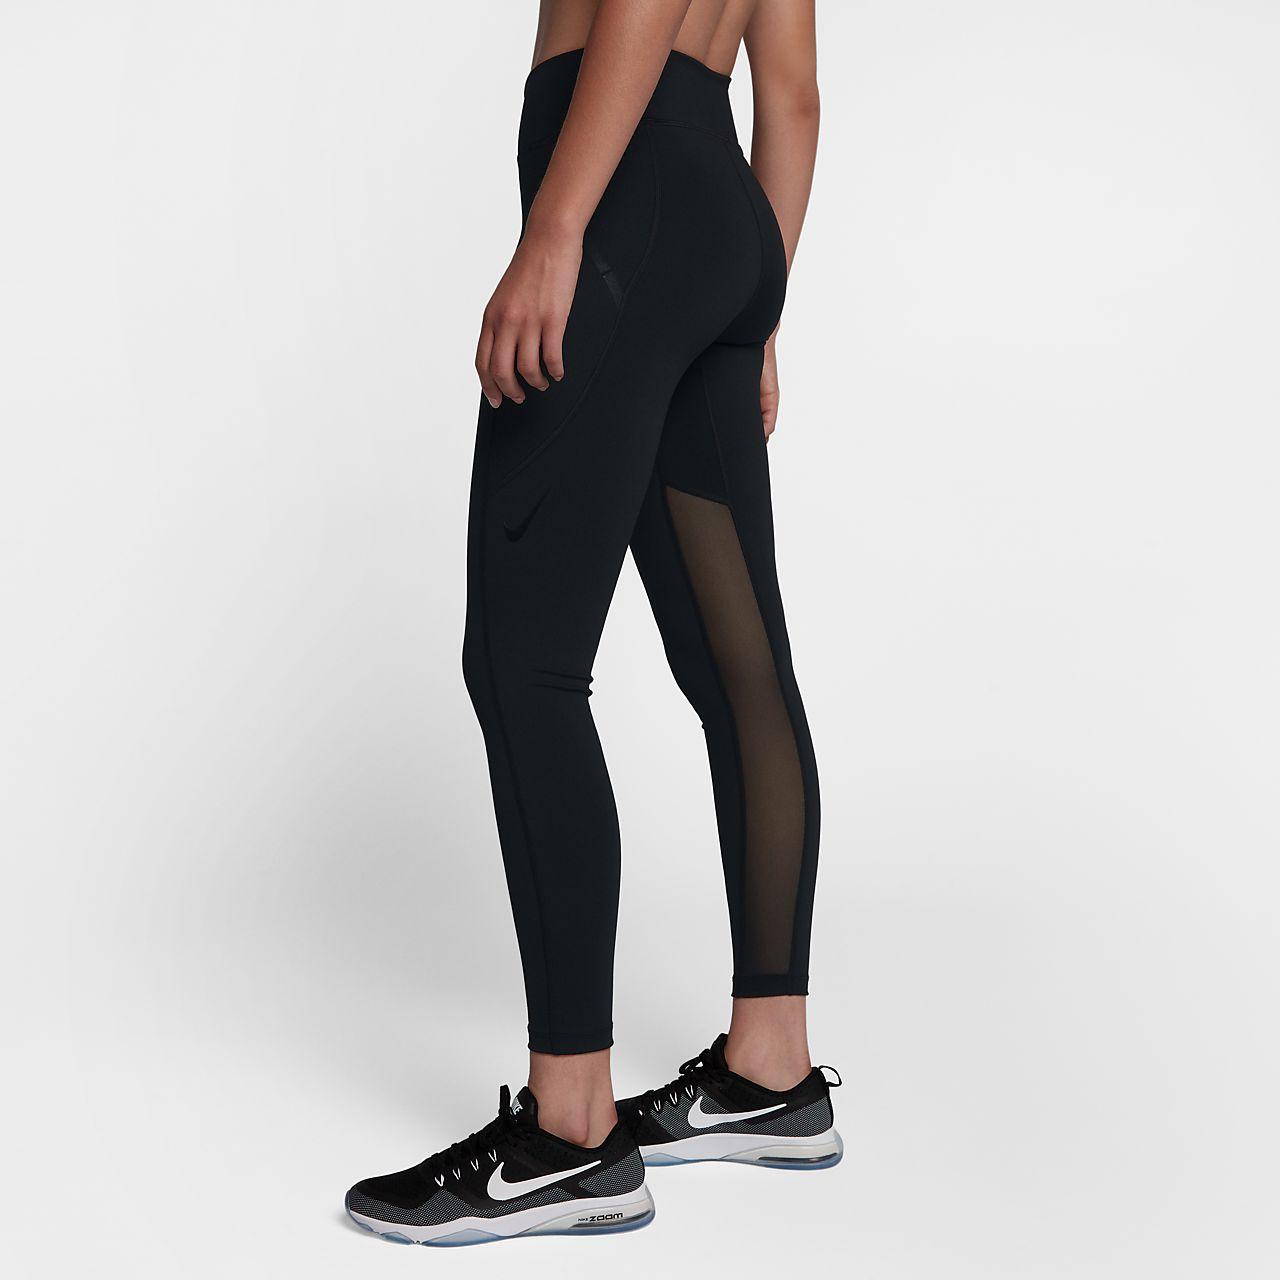 Nike Power Pocket Lux Womenu0026#39;s Training Tights. Nike.com